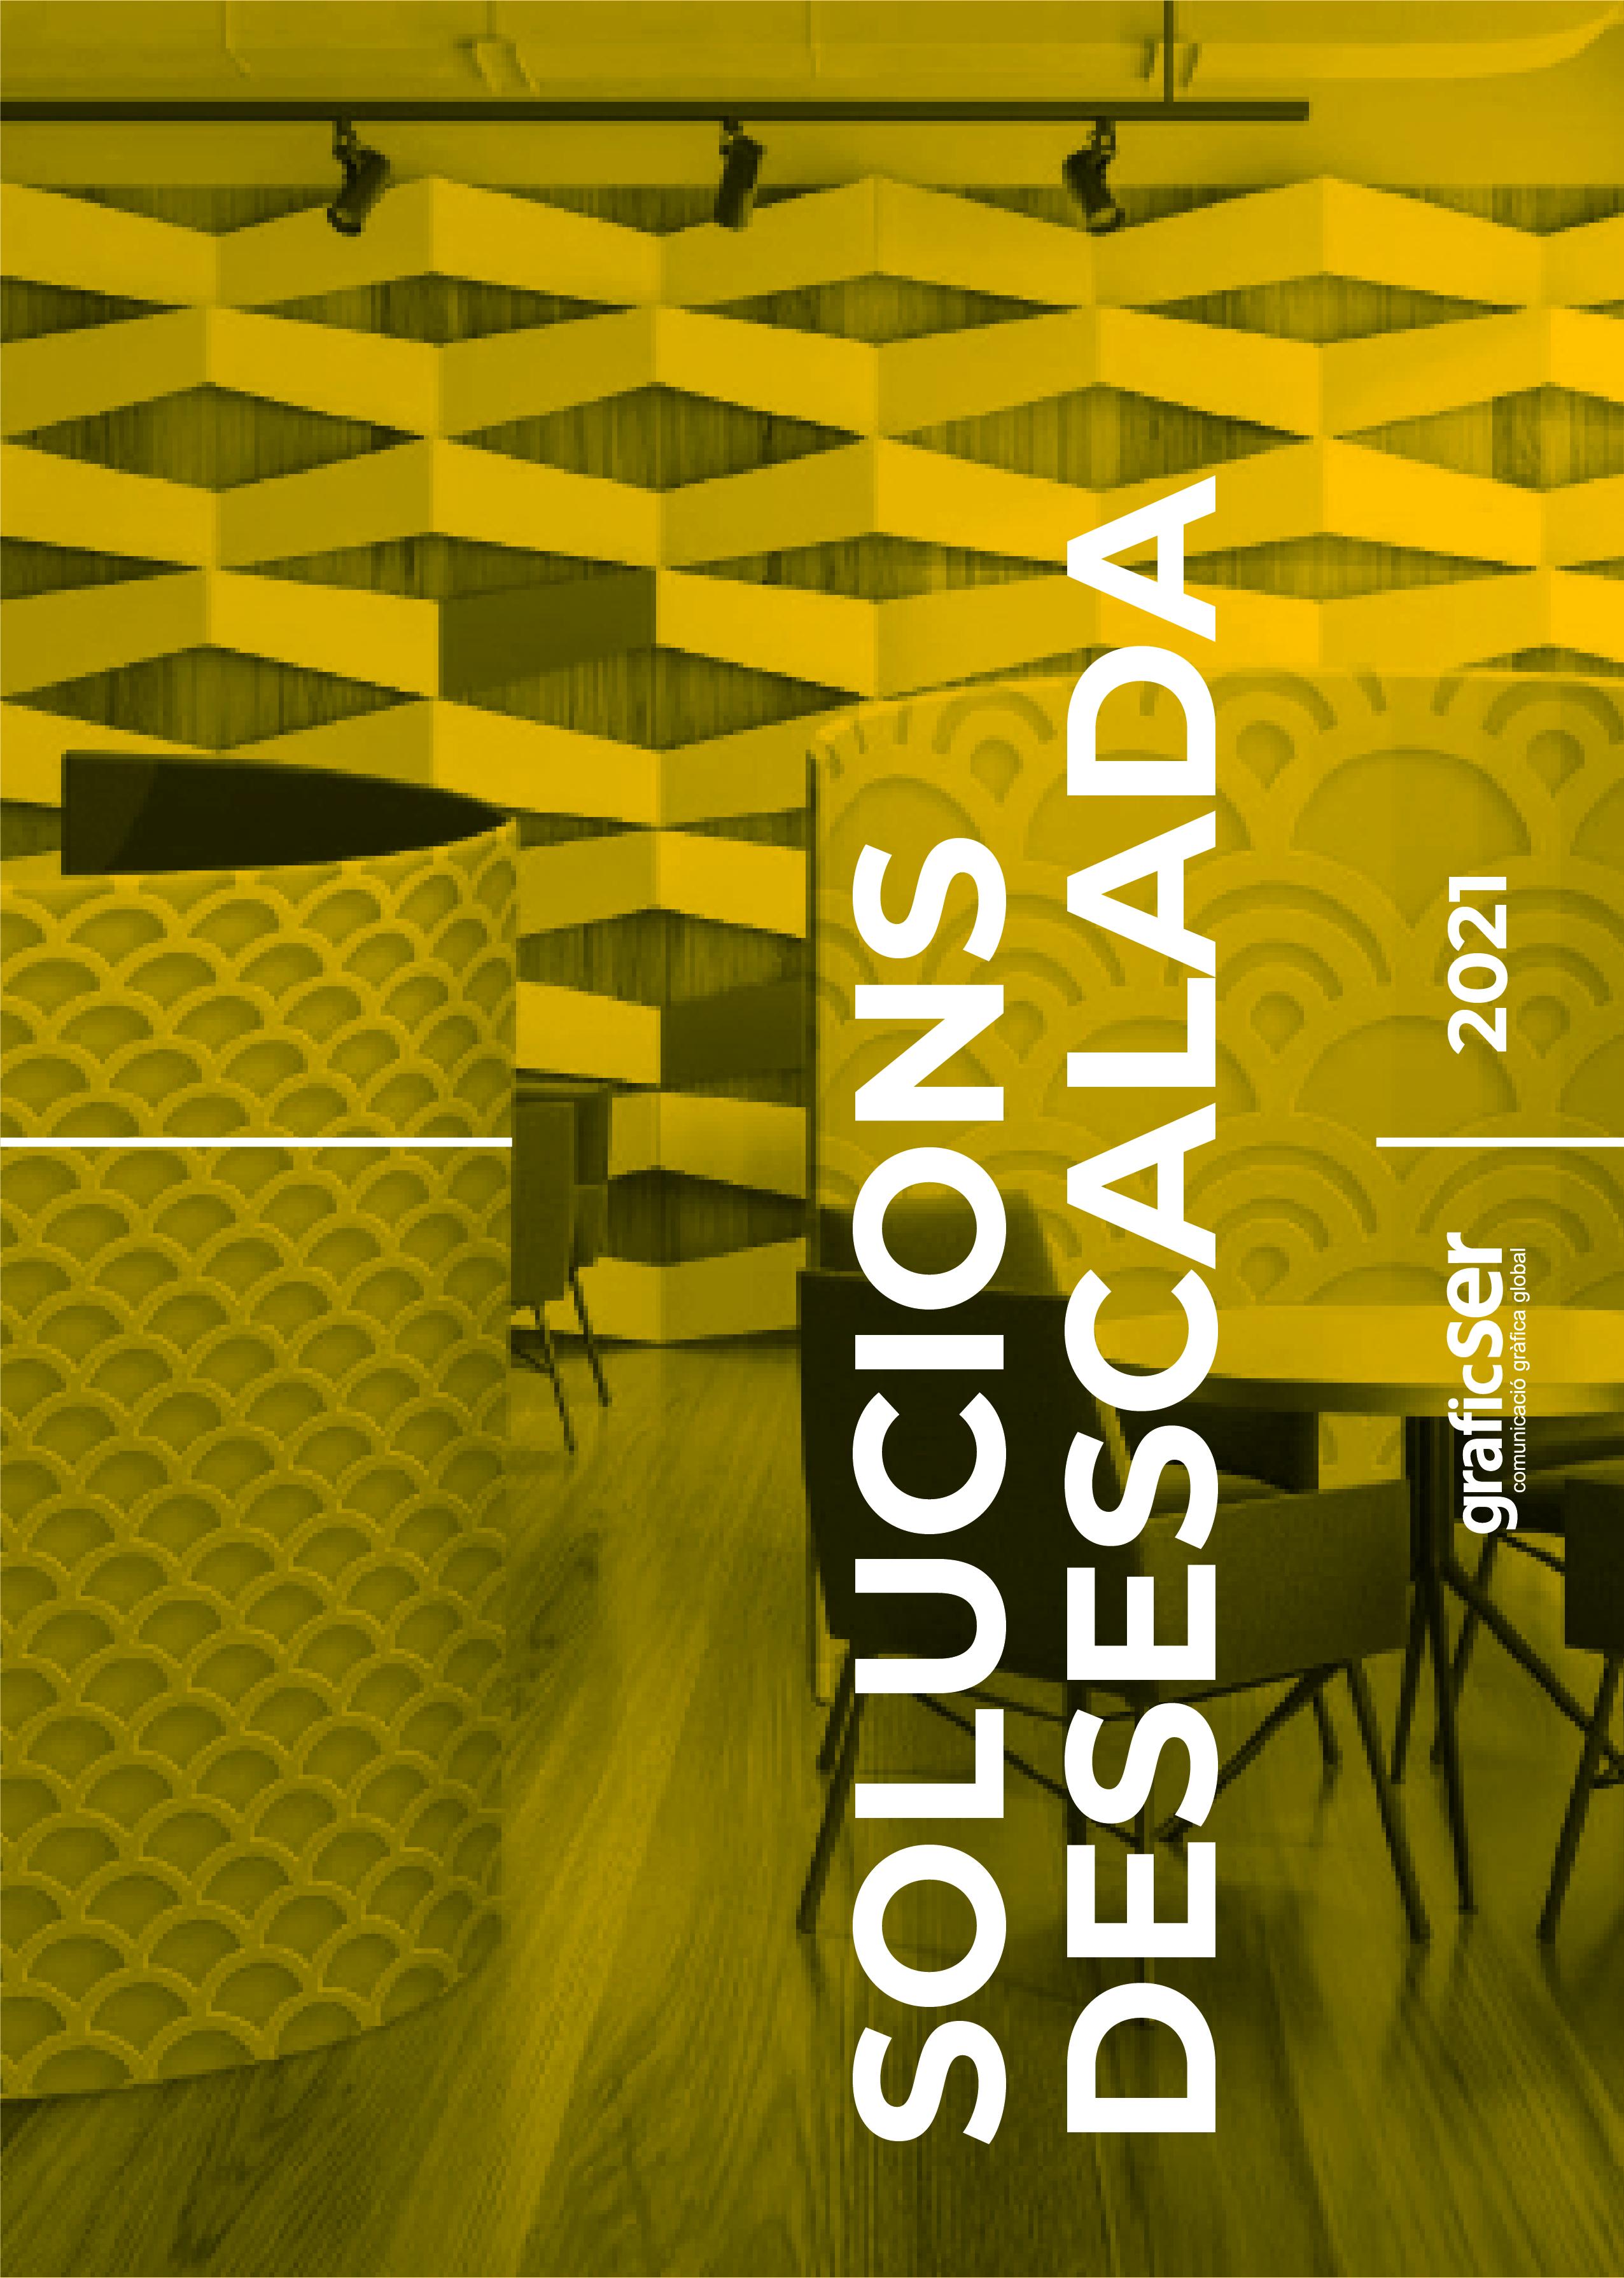 PORTADES CATÀLEGS 2021 SOLUCIONS DESESCALADA